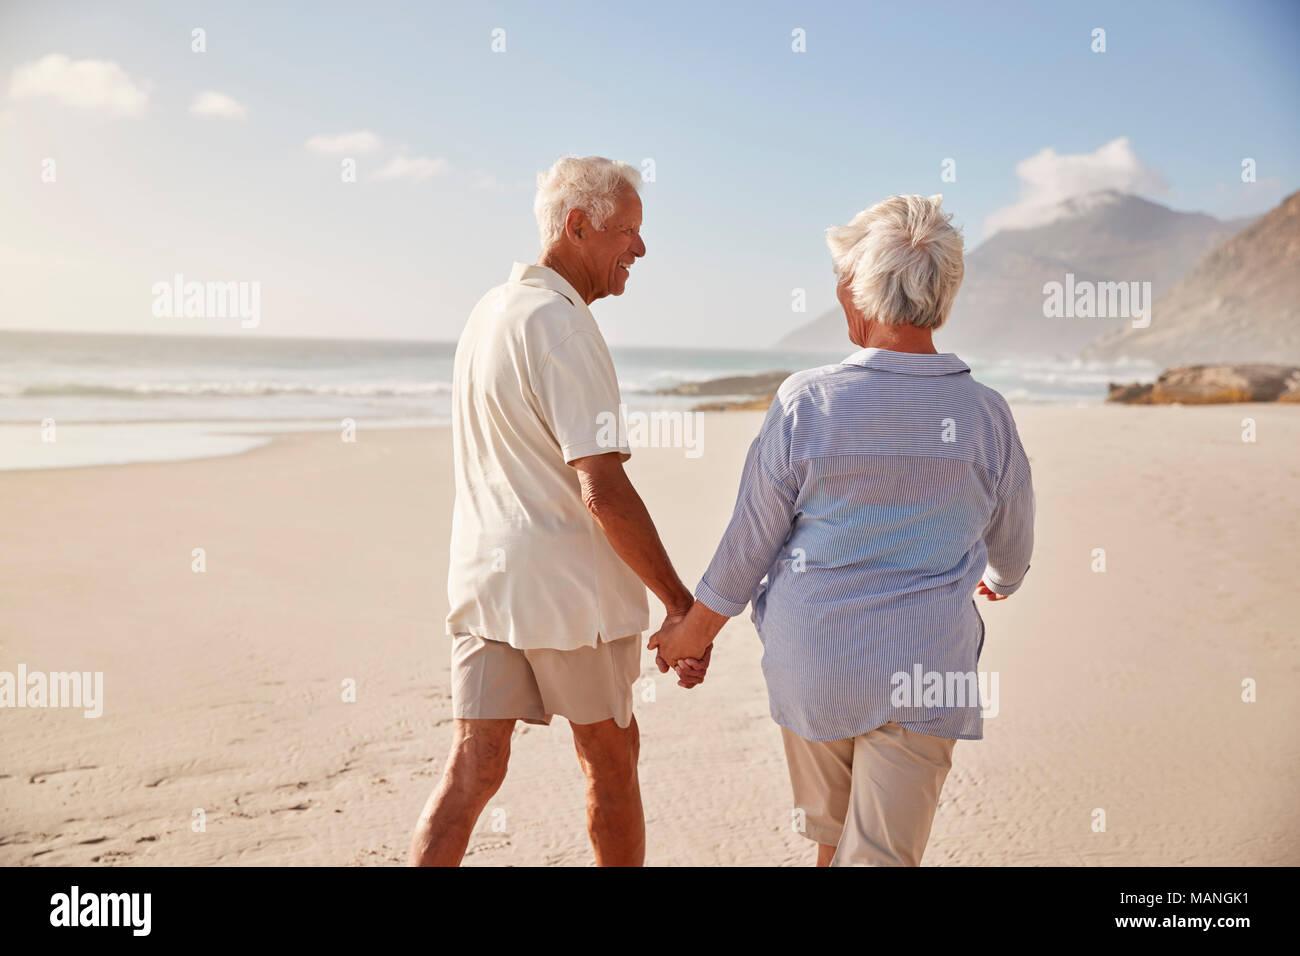 Ansicht der Rückseite des Senior Paar am Strand entlang zu laufen Hand in Hand Stockfoto